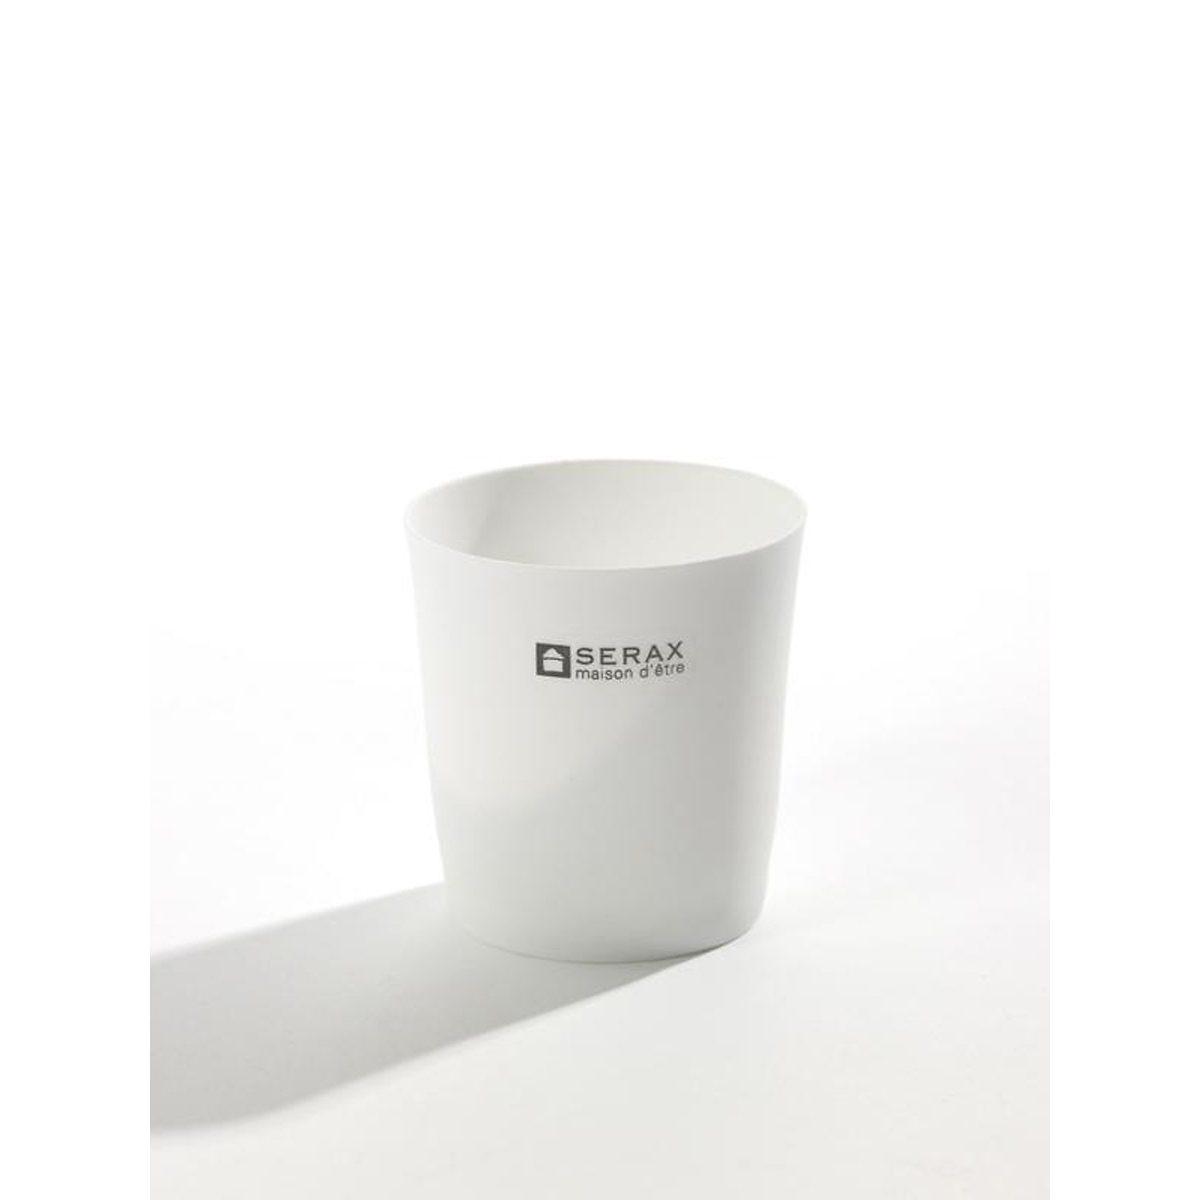 Serax Serax Teelichthalter Porzelan fein klein